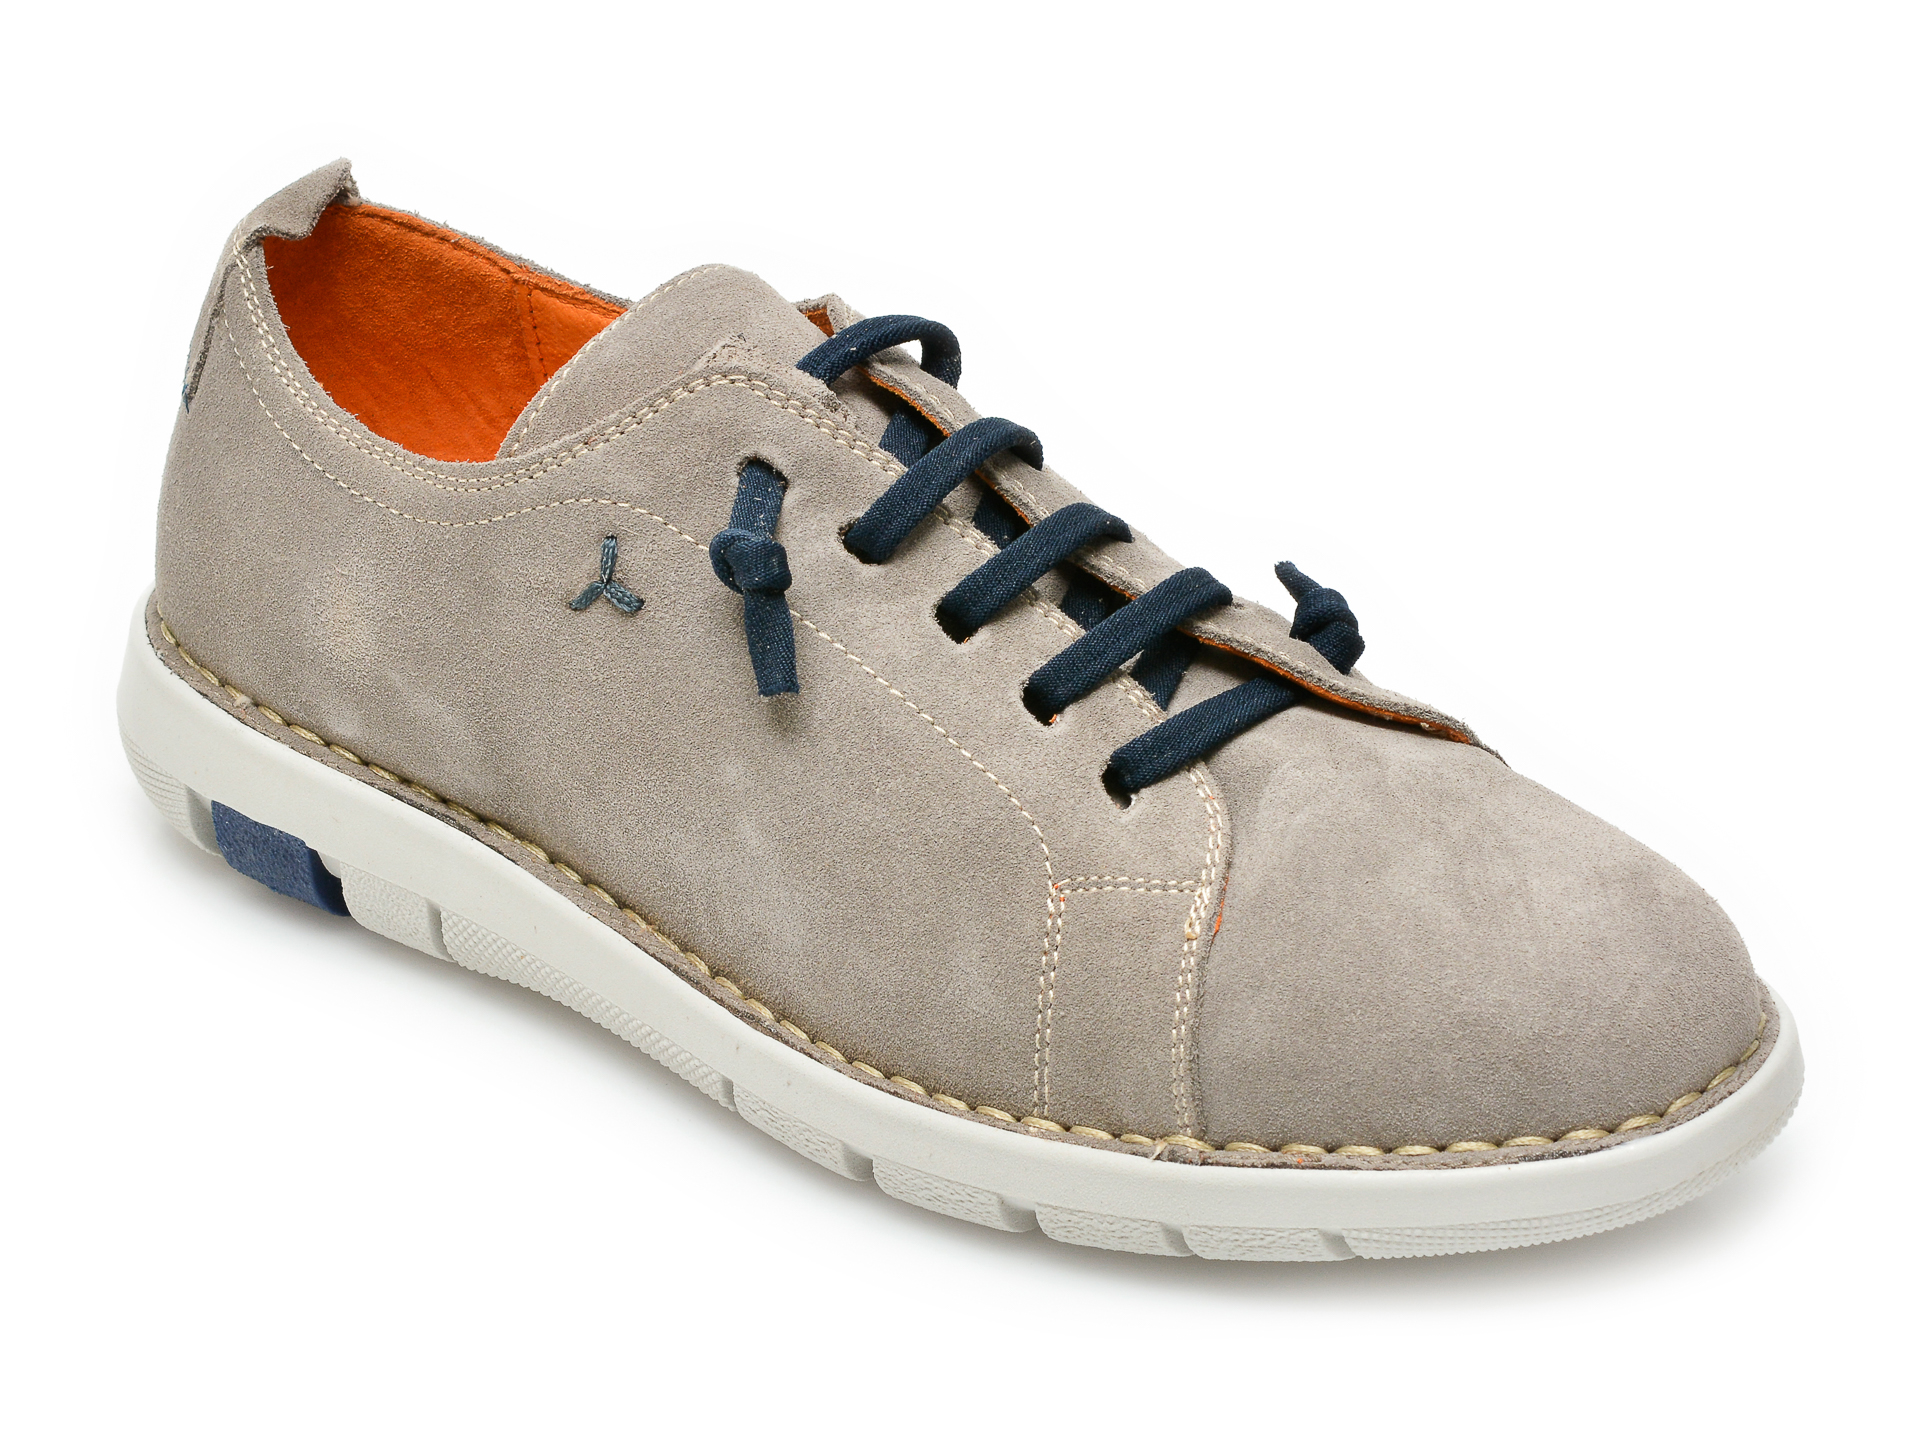 Pantofi OTTER gri, 8455, din piele intoarsa imagine